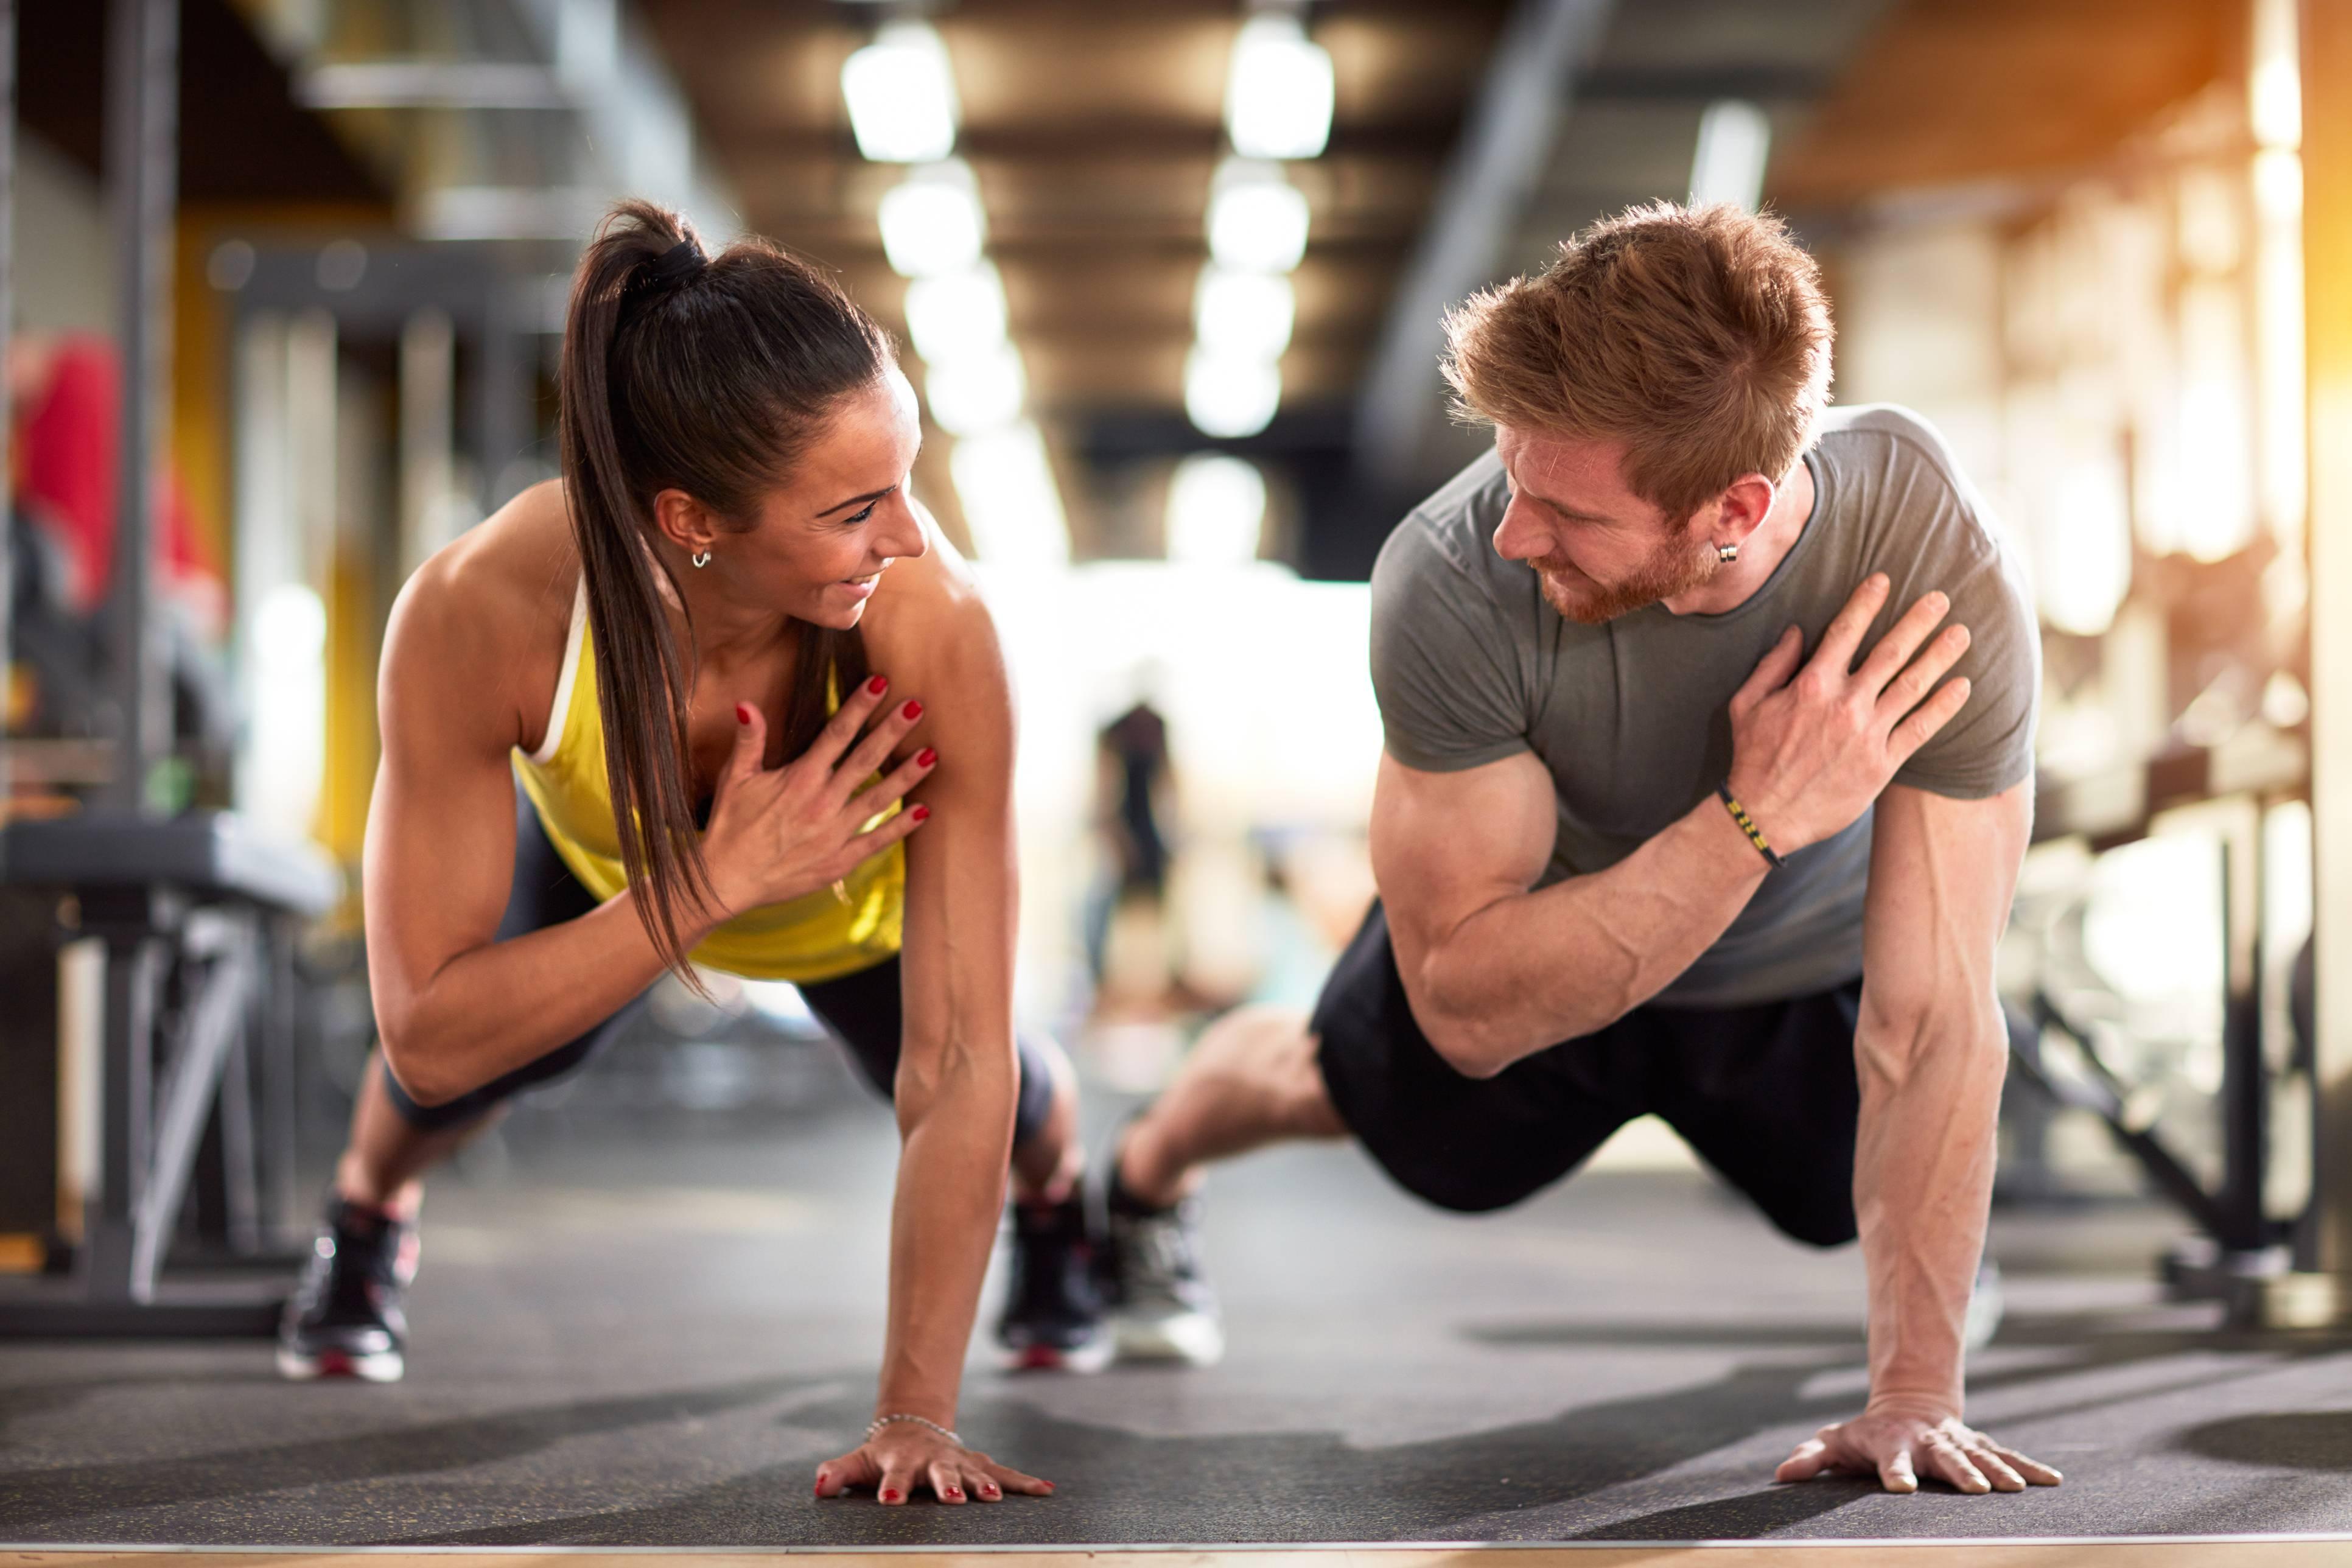 Польза фитнеса для женщин. польза фитнеса для девушек. | фитнес для похудения